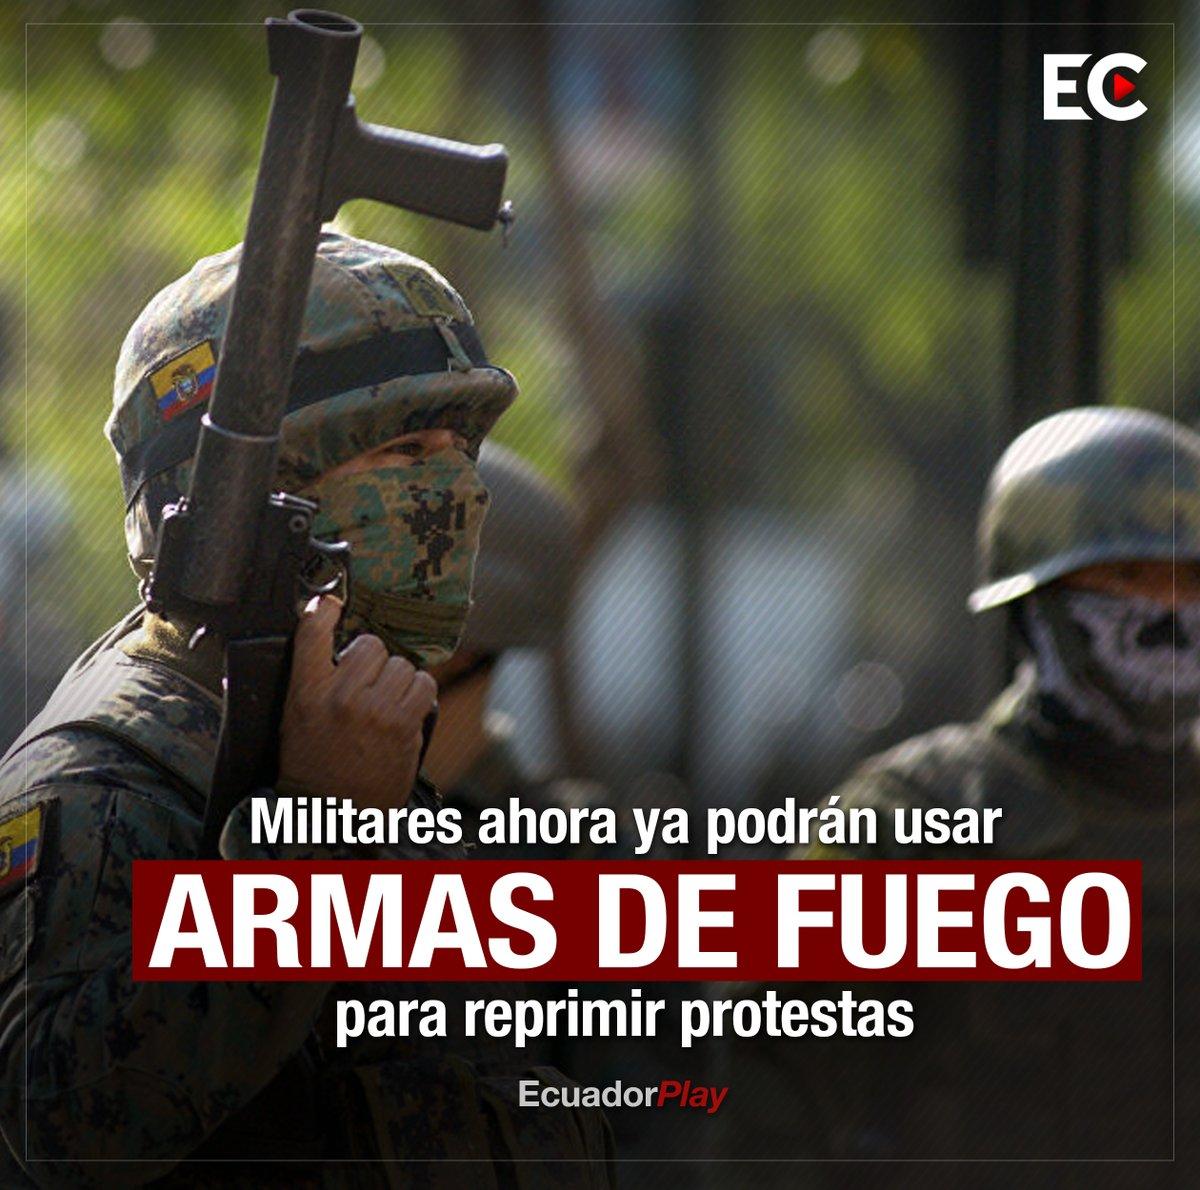 Las @FFAAECUADOR ya tienen nuevo reglamento para el uso progresivo de la fuerza y podrán usar armas de fuego para disuasión. El documento tiene 10 páginas y está firmado por el ministro de Defensa, Oswaldo Jarrin.  (HILO) https://t.co/HWmoleCl41